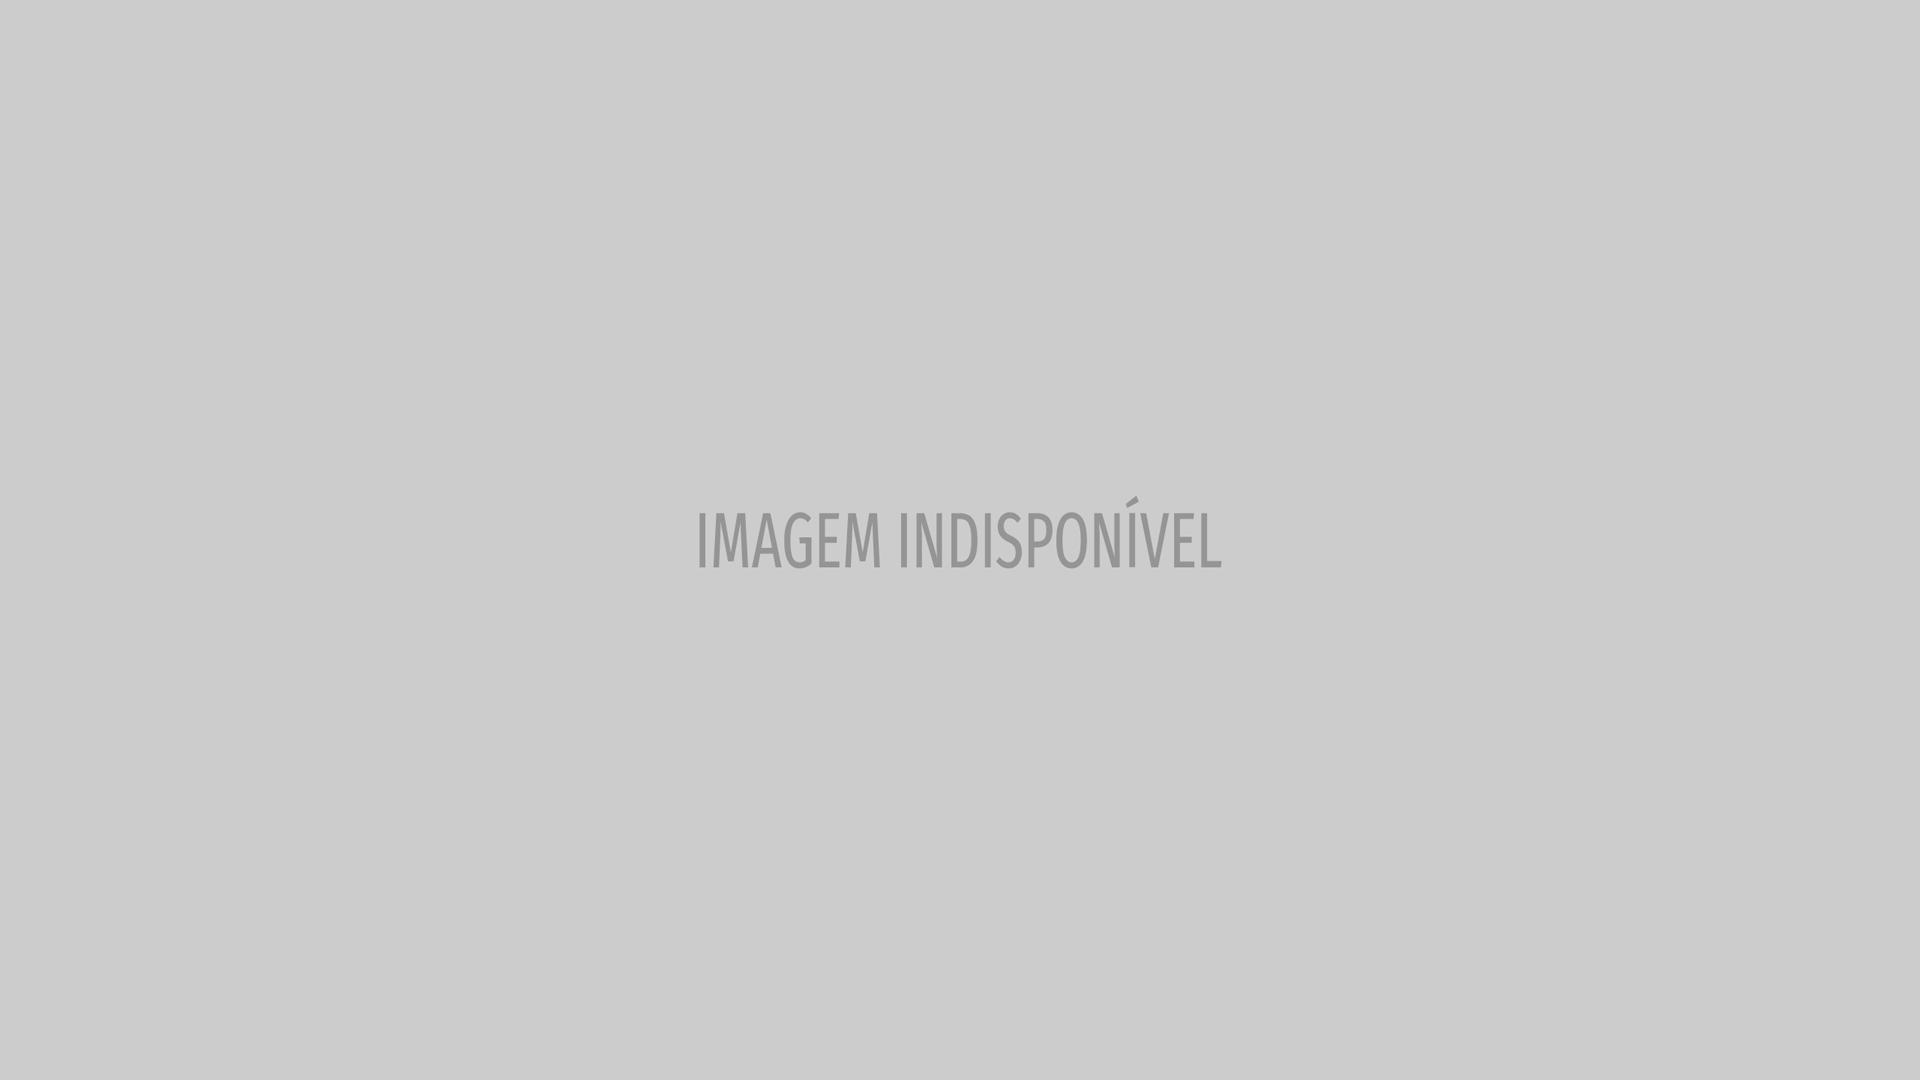 Elza Soares responde foto de diretora da Vogue que remete a escravidão